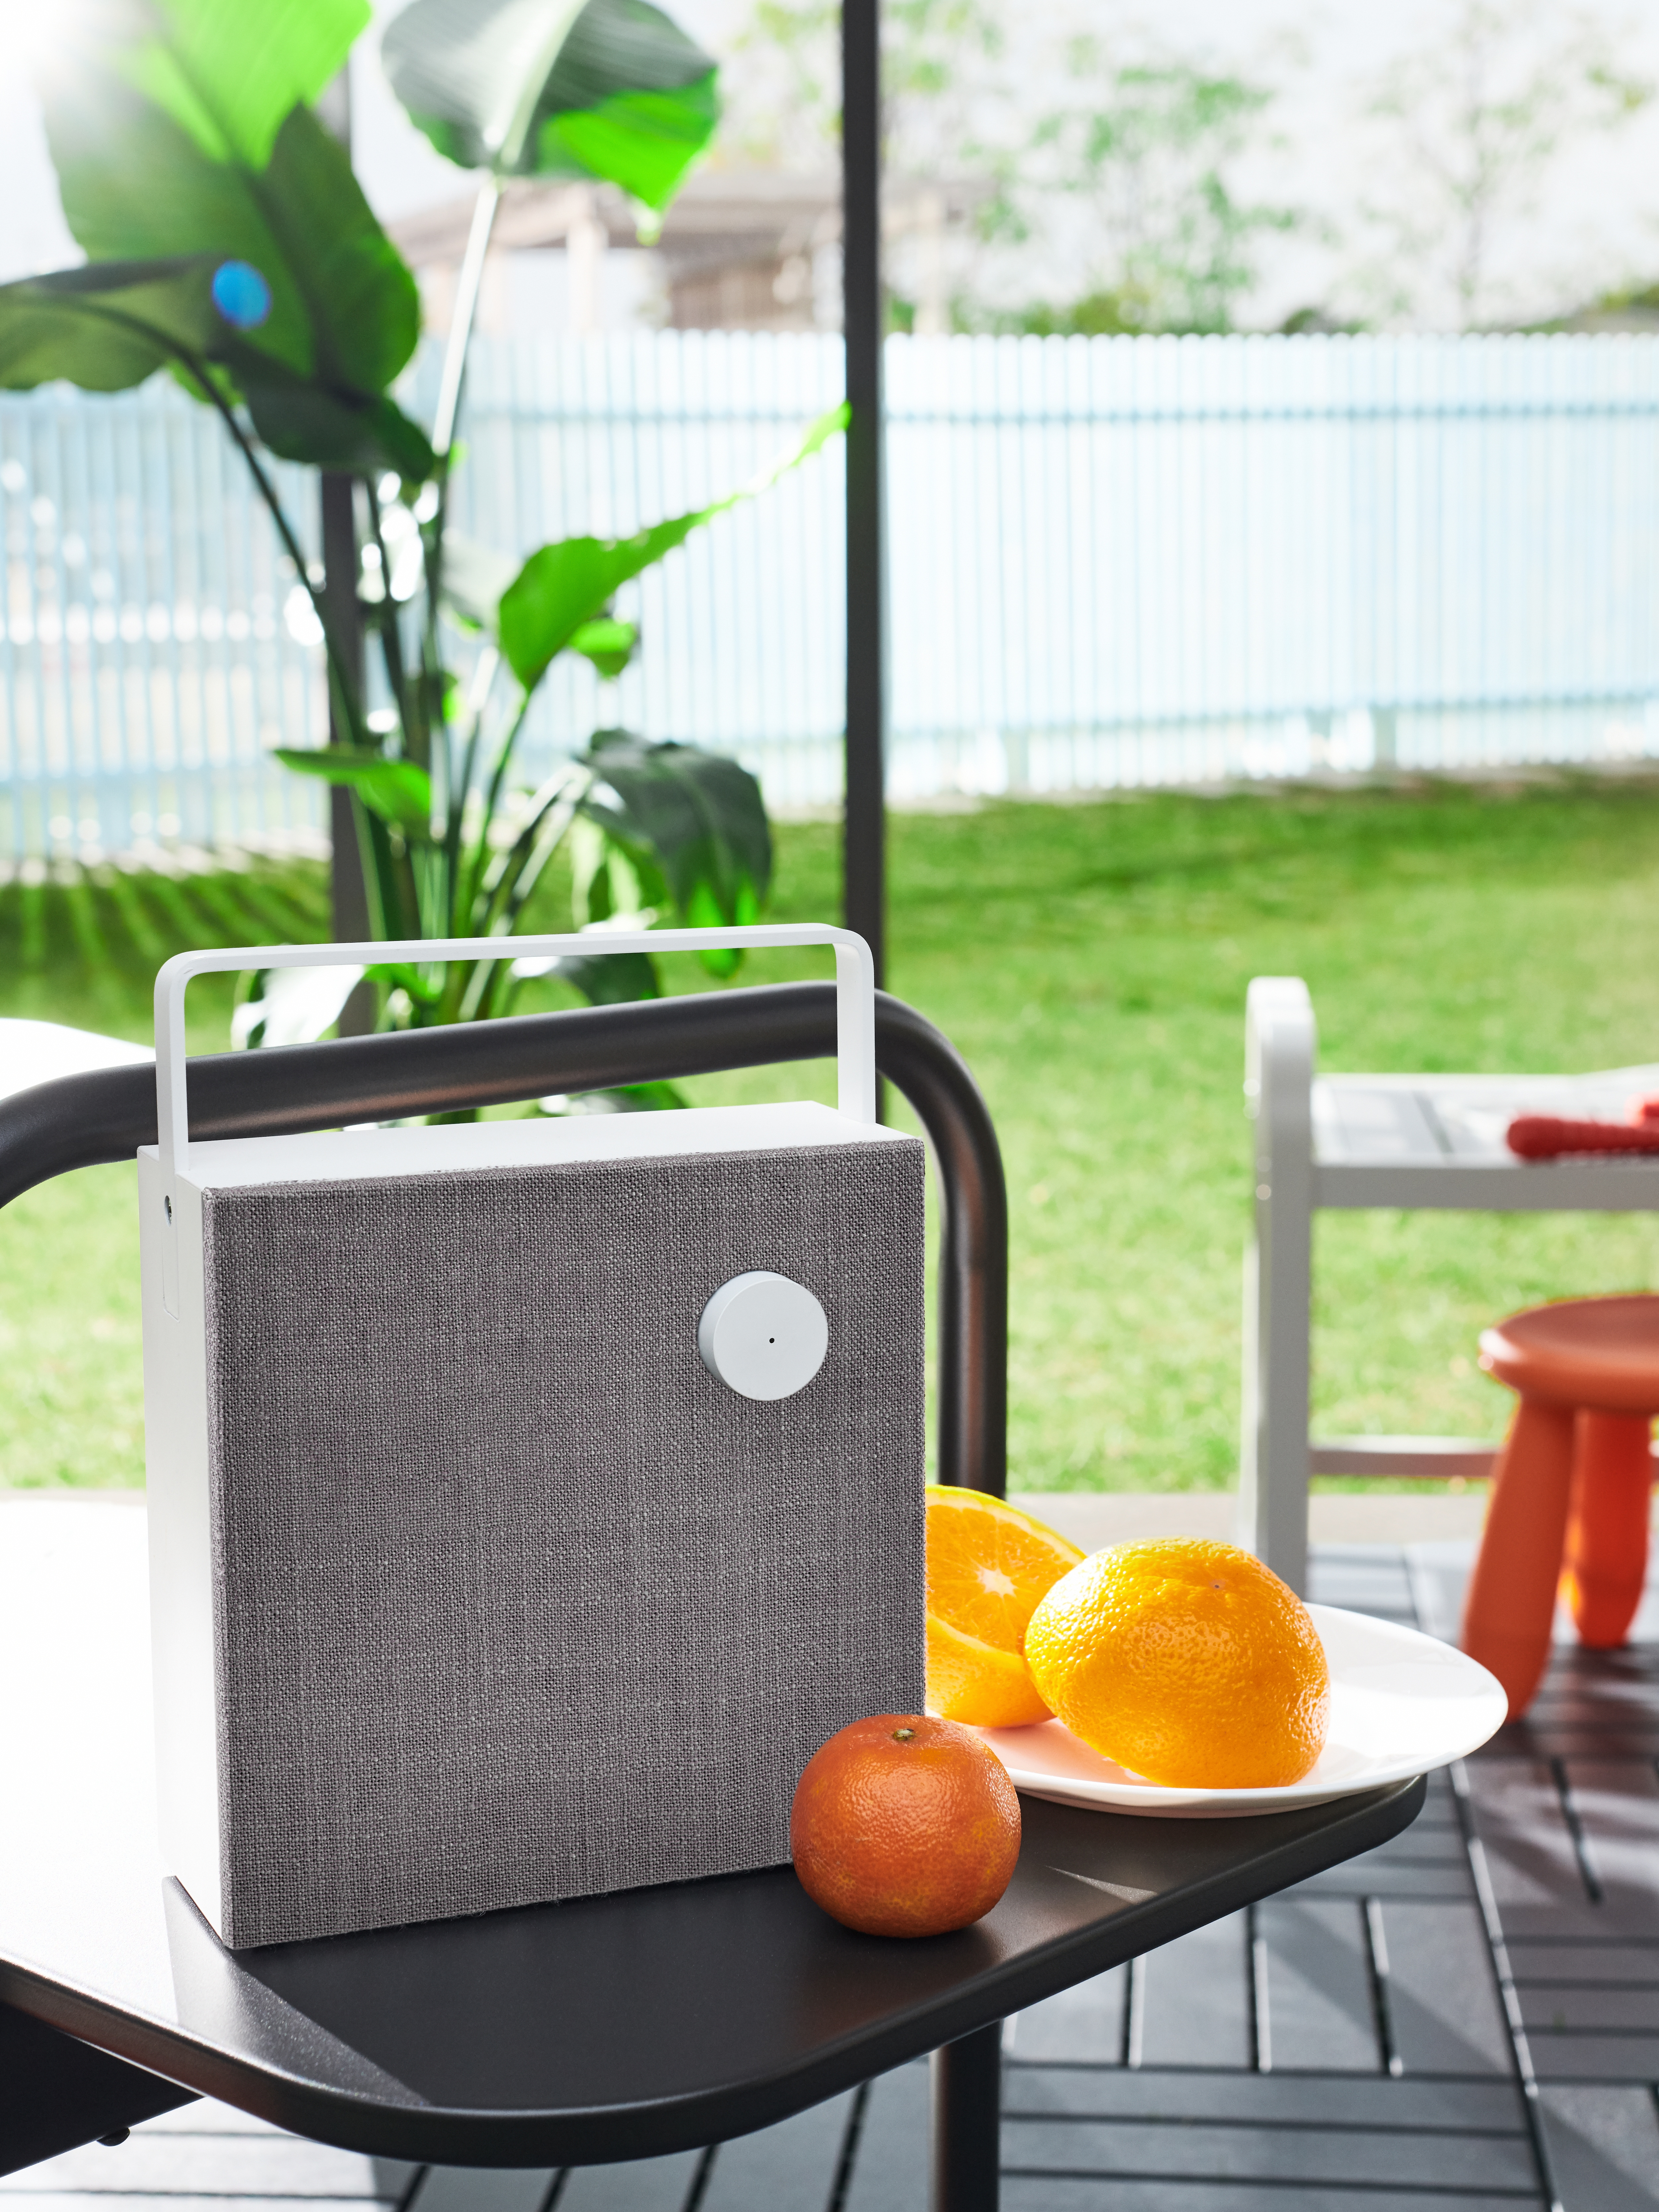 Kanpoko eremua Bluetooth bozgorailuarekin, mahai beltzaren gainean, laranja, landare berdeak eta haurrentzako jostailuak dituen plaka zuriaren ondoan.